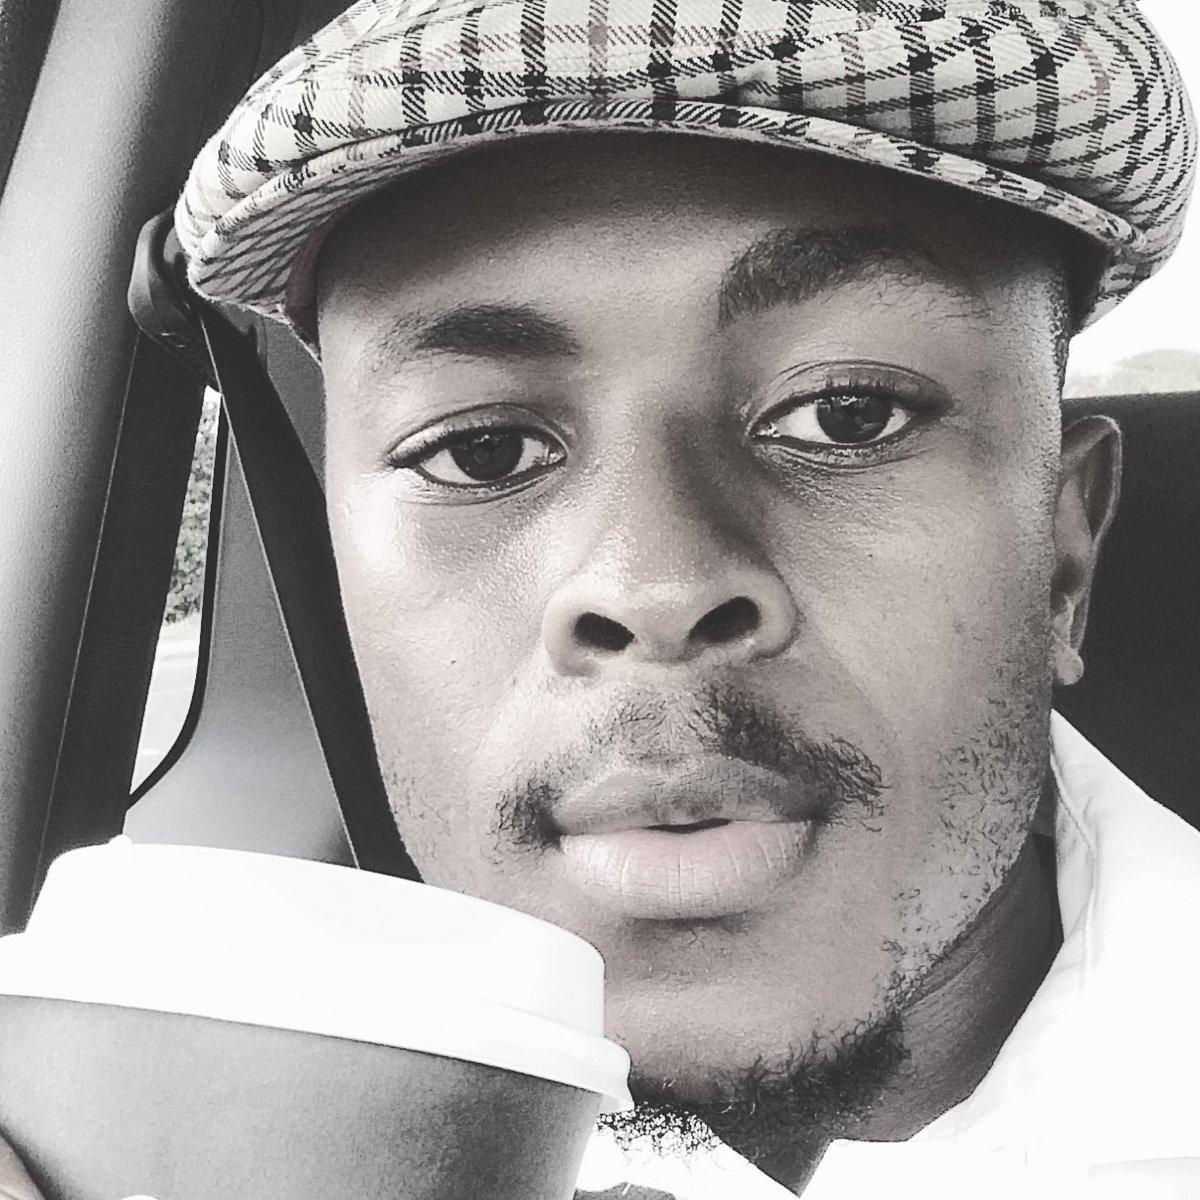 Morning Friendoh  #Uyazinawe  #Vuthondaba  #Bestmc  #Kovumizizwepic.twitter.com/AeaeSeN9SN